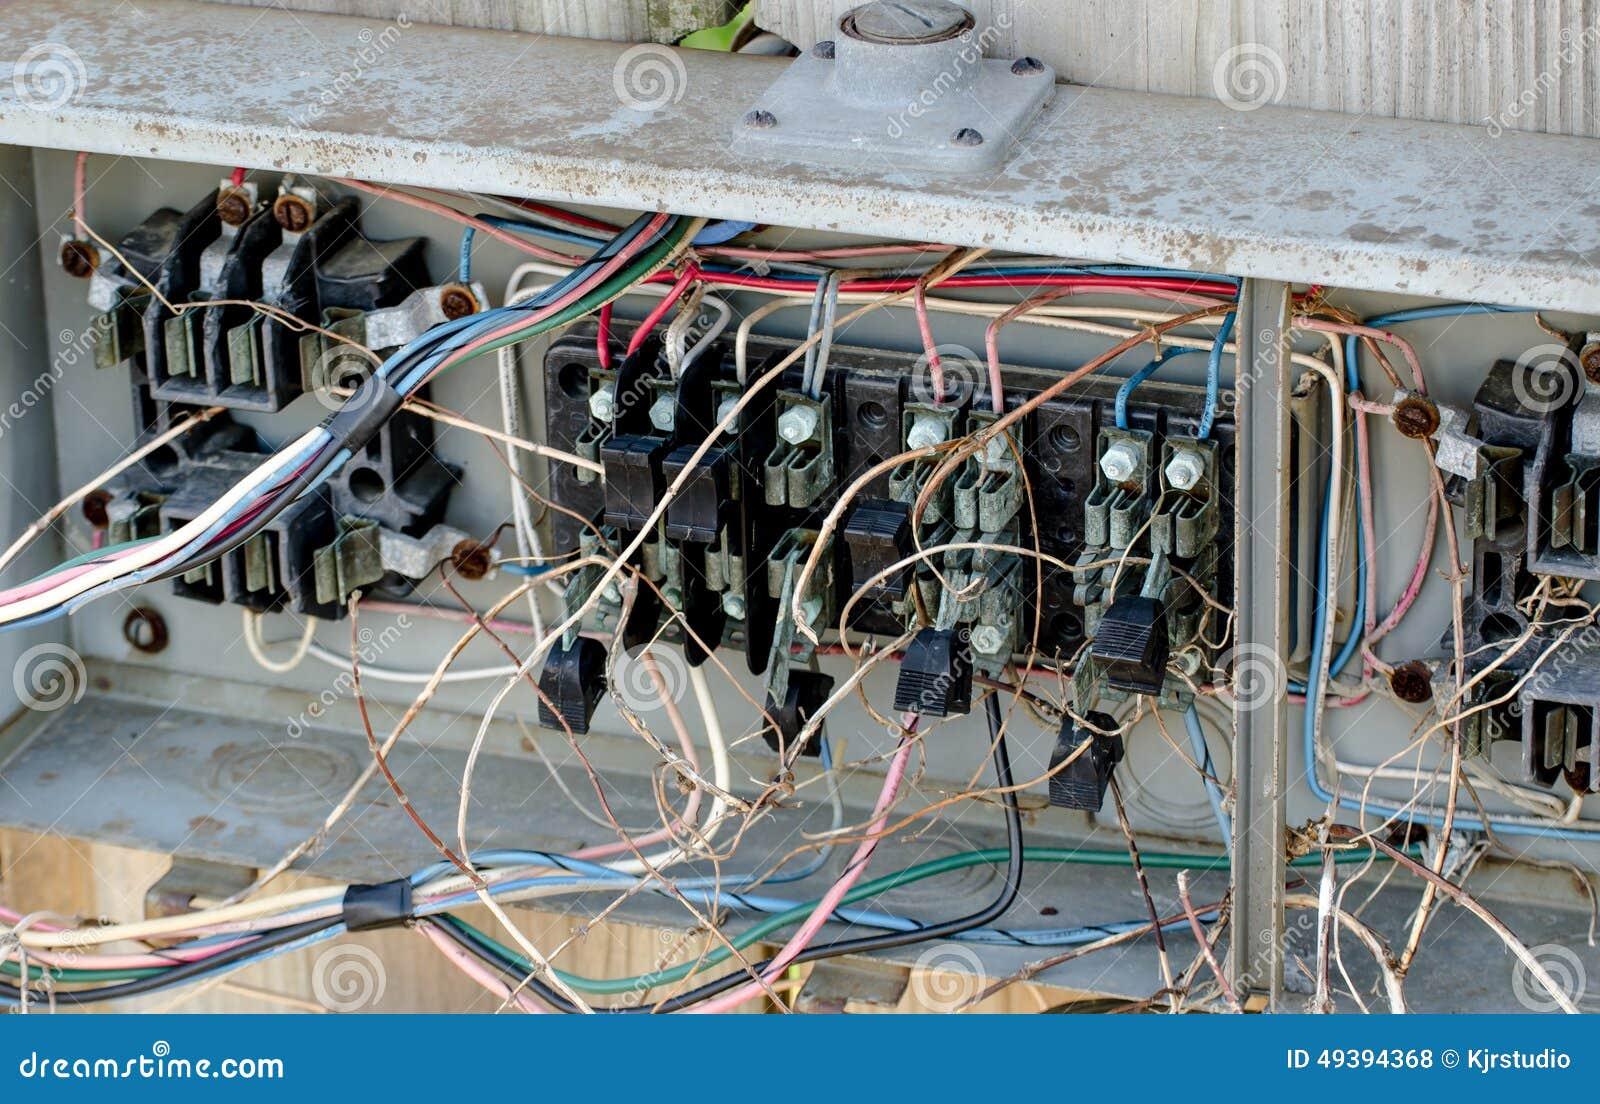 Electrical Hazard Wiring Stock Photo Image 49394368